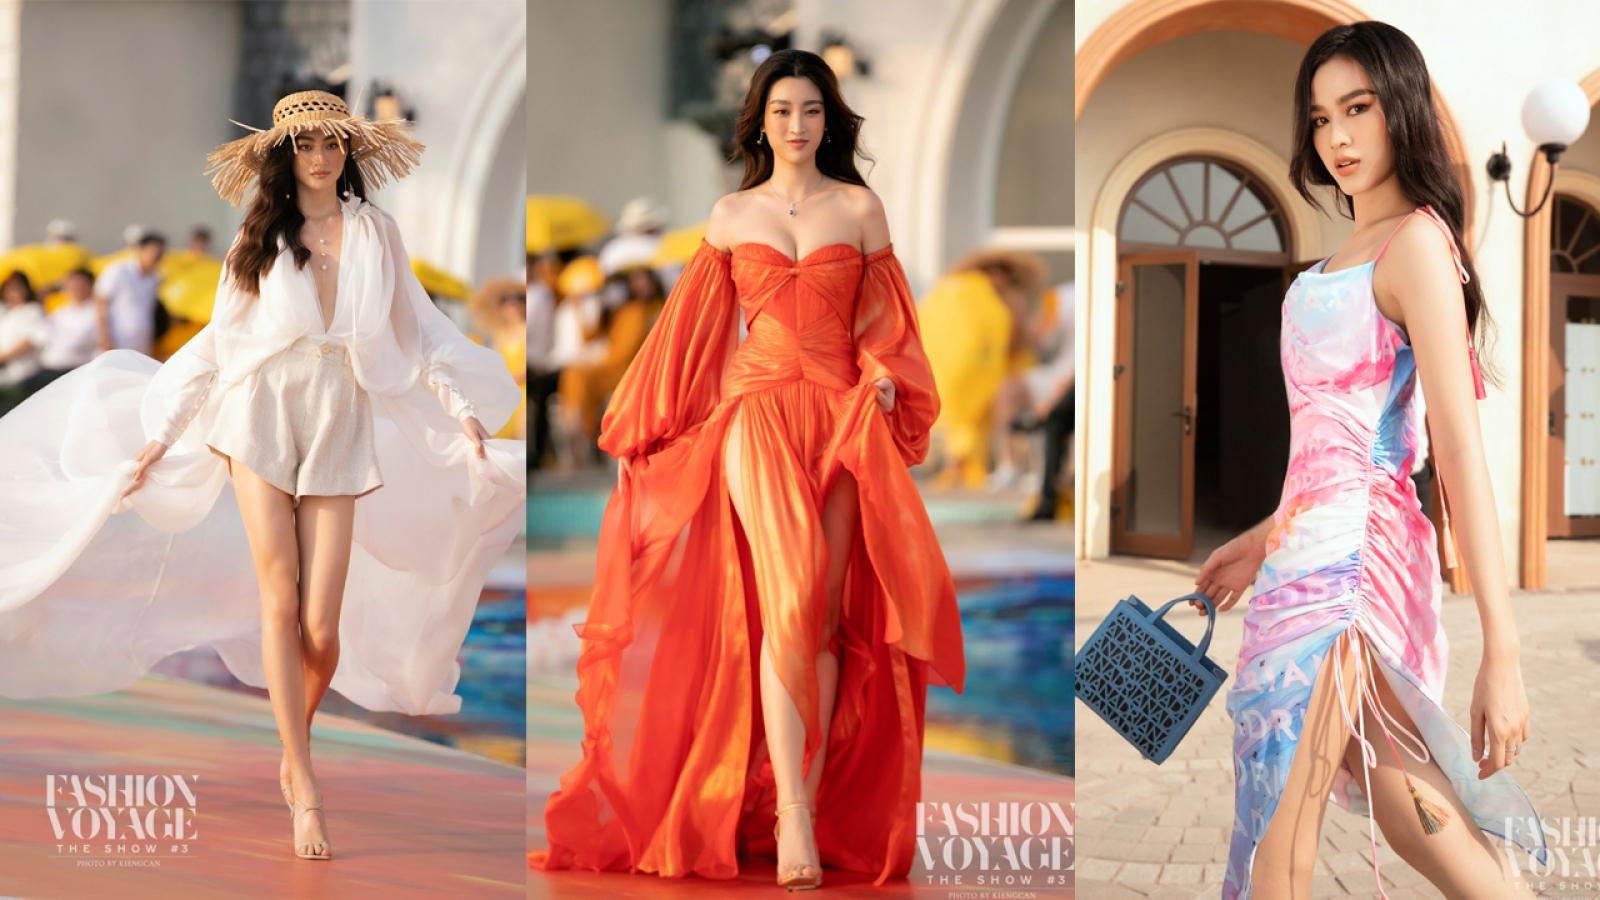 Hoa hậu Đỗ Mỹ Linh, Lương Thuỳ Linh, Đỗ Thị Hà khoe chân dài miên man bên bờ biển